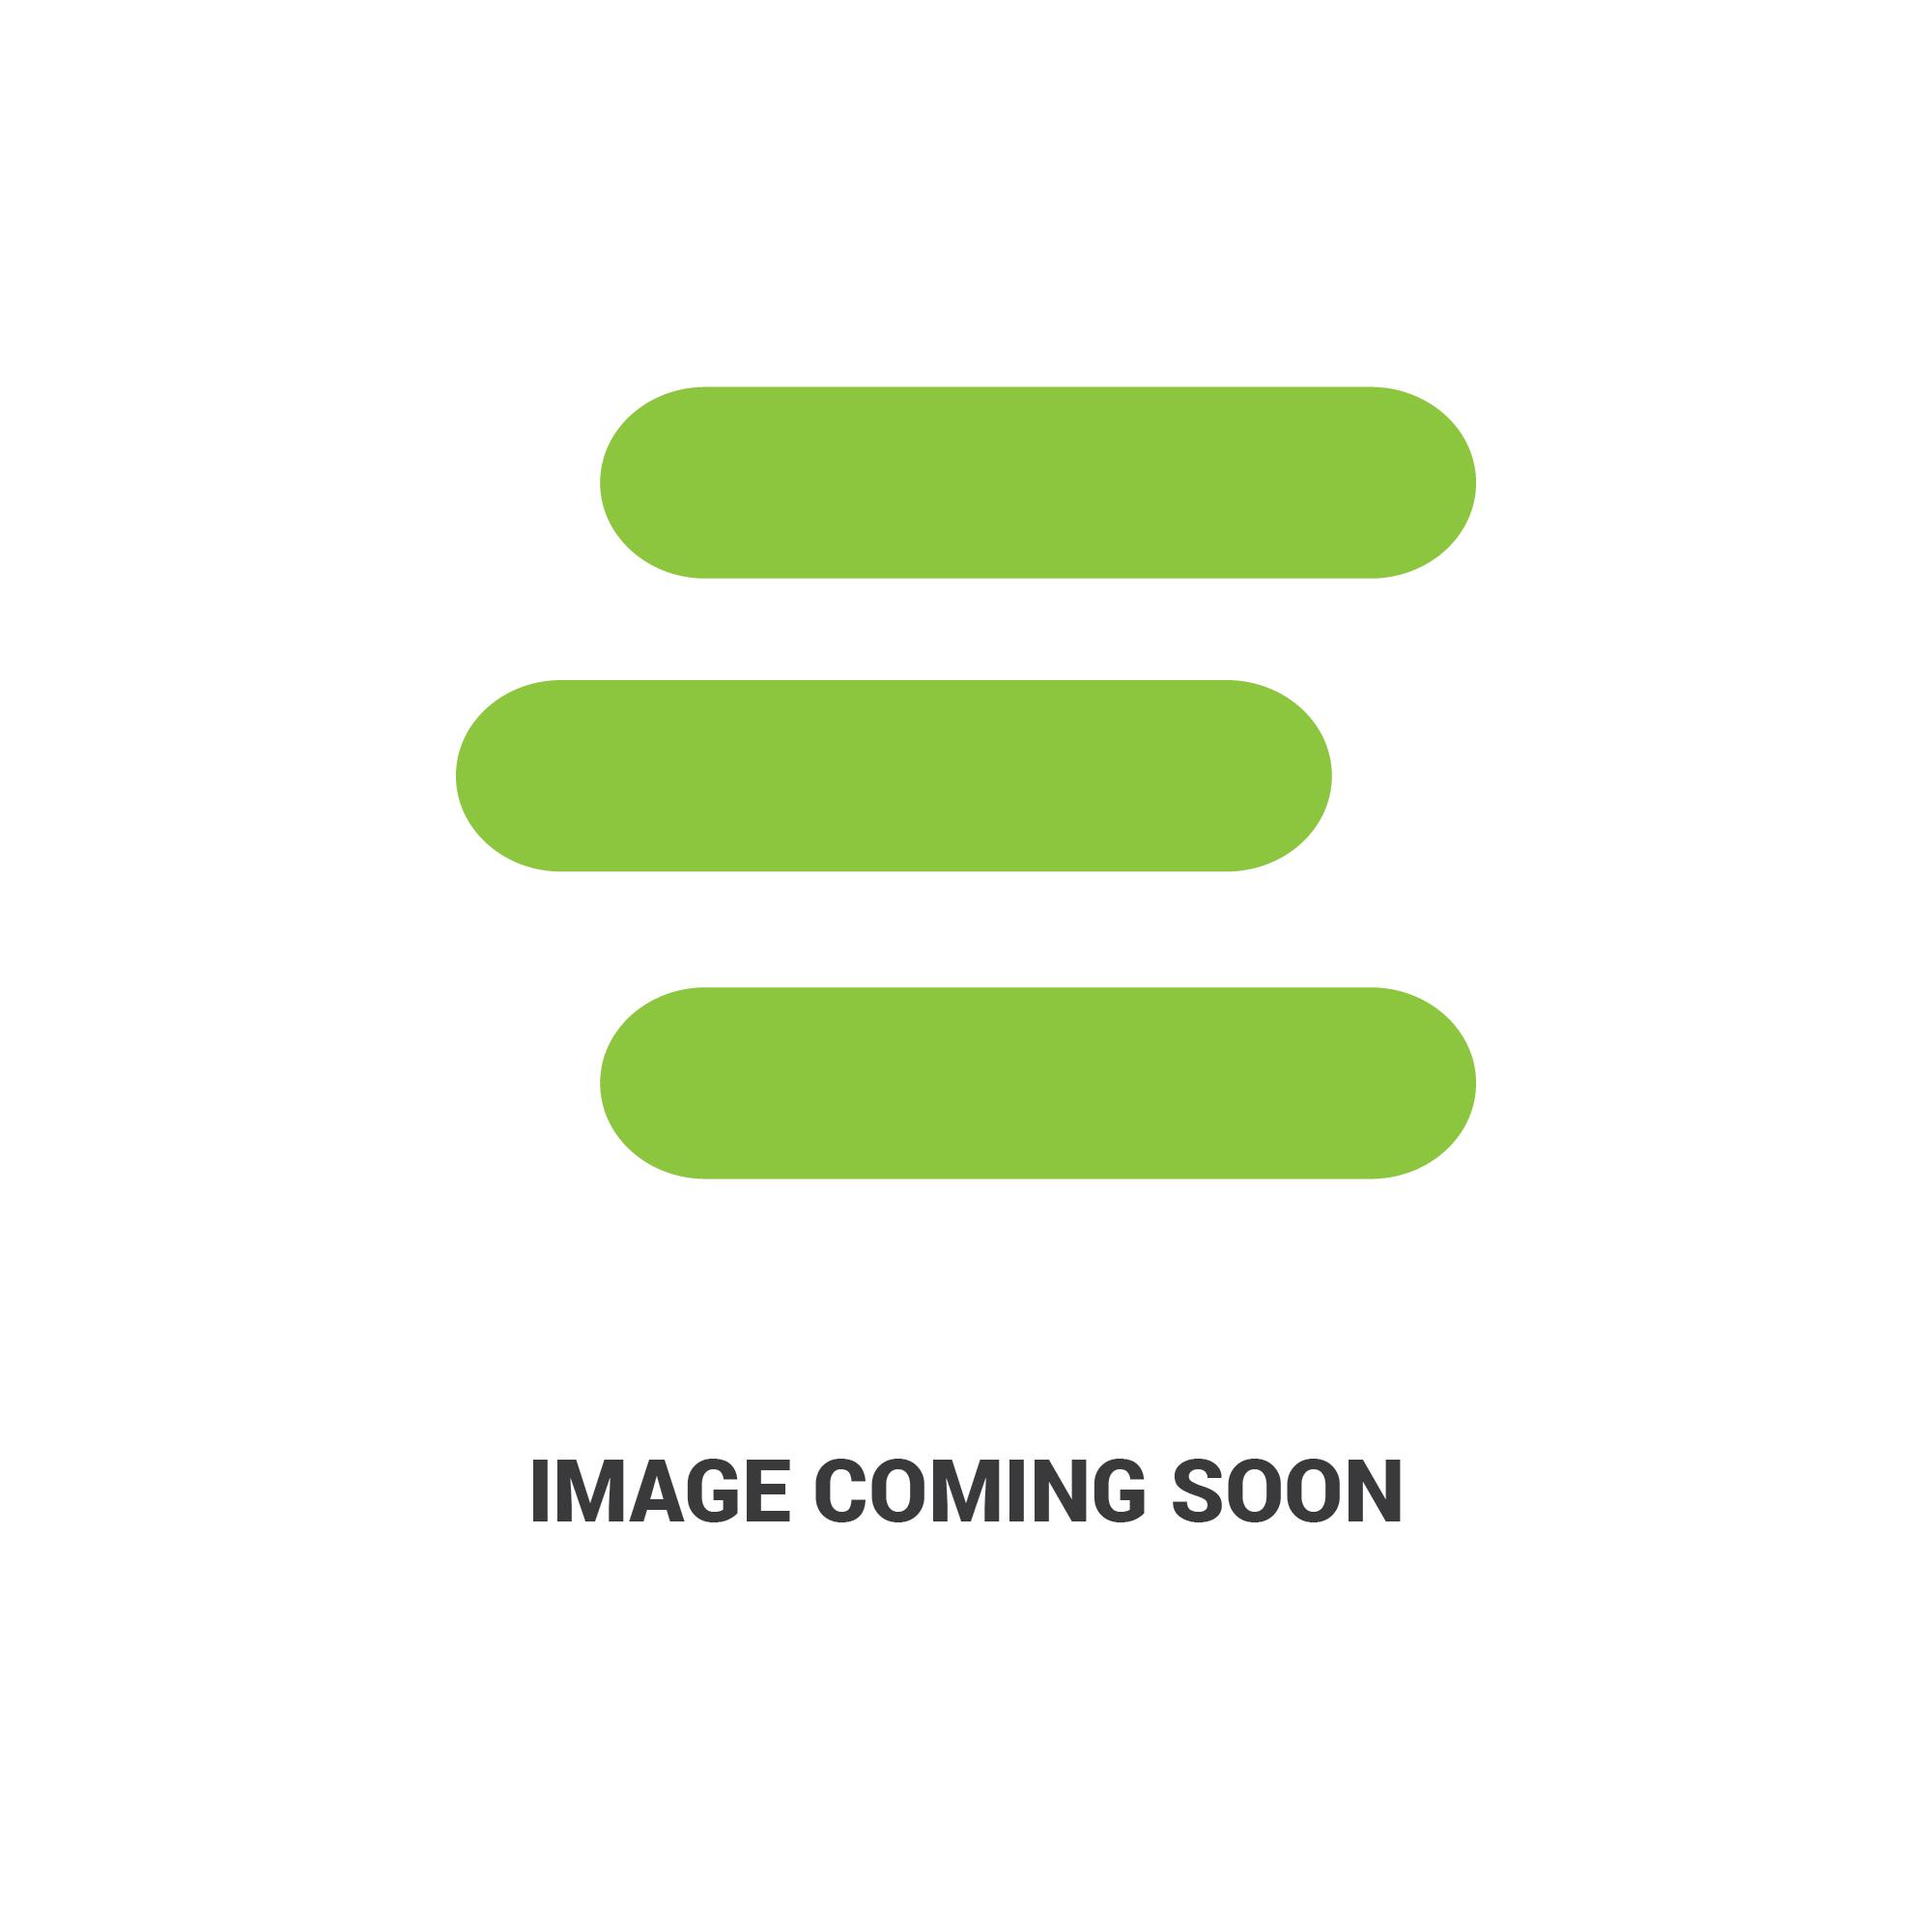 E-5A6BLedit 1.jpg